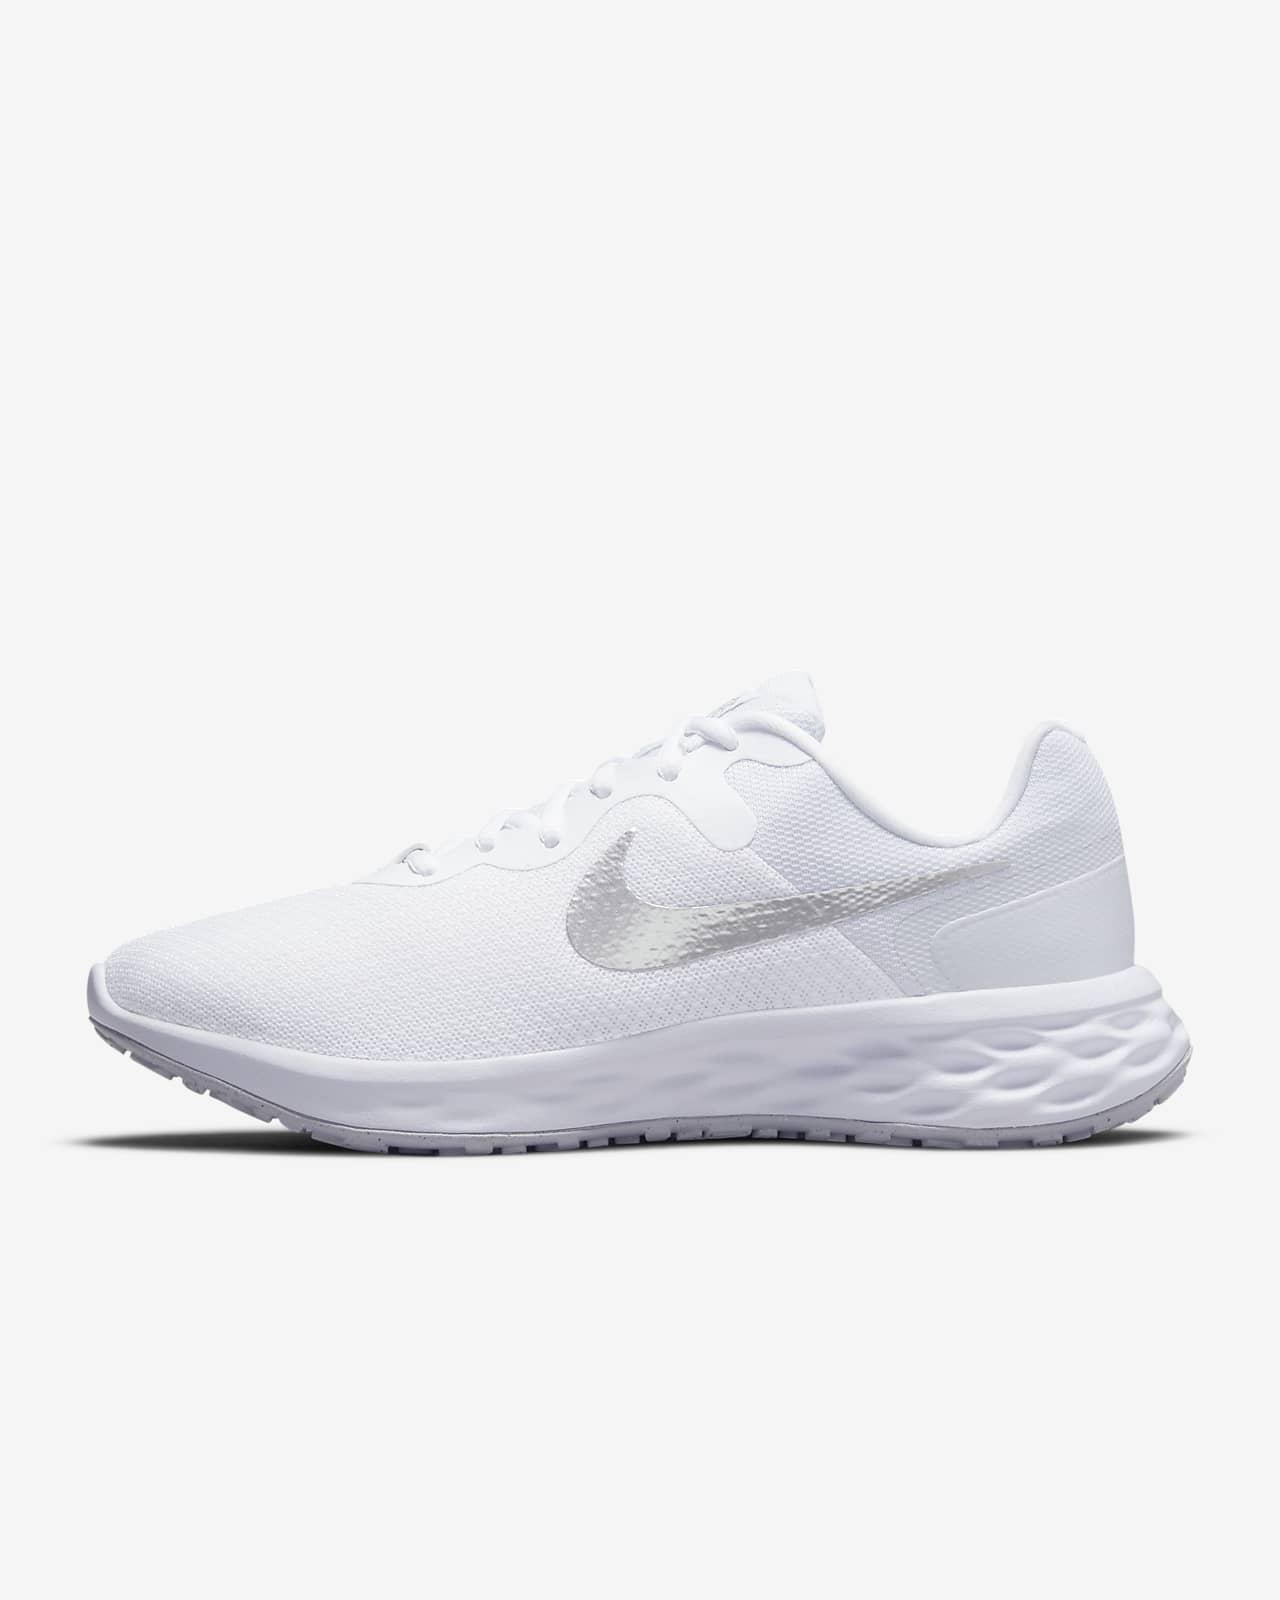 รองเท้าวิ่งโร้ดรันนิ่งผู้หญิง Nike Revolution 6 Next Nature